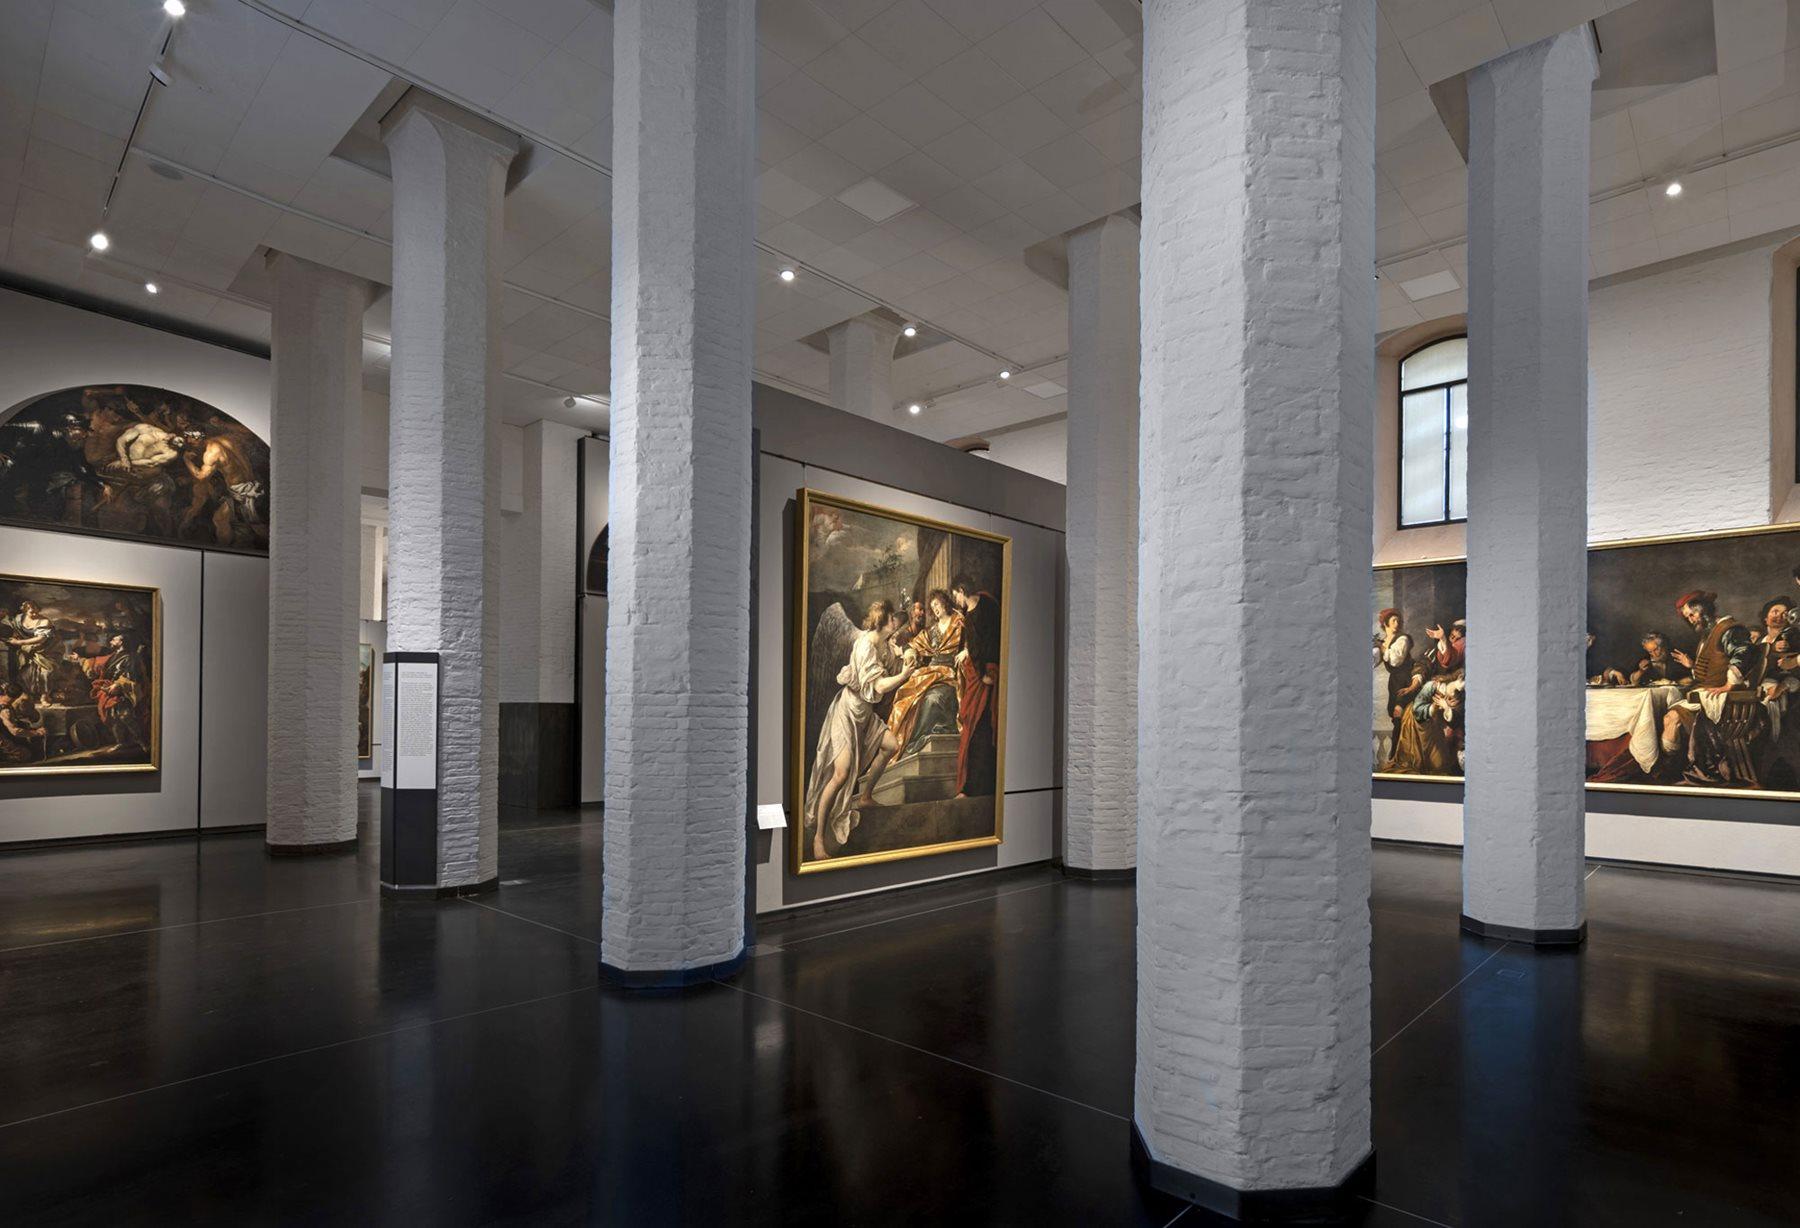 The Selva - Gallerie dell'Accademia